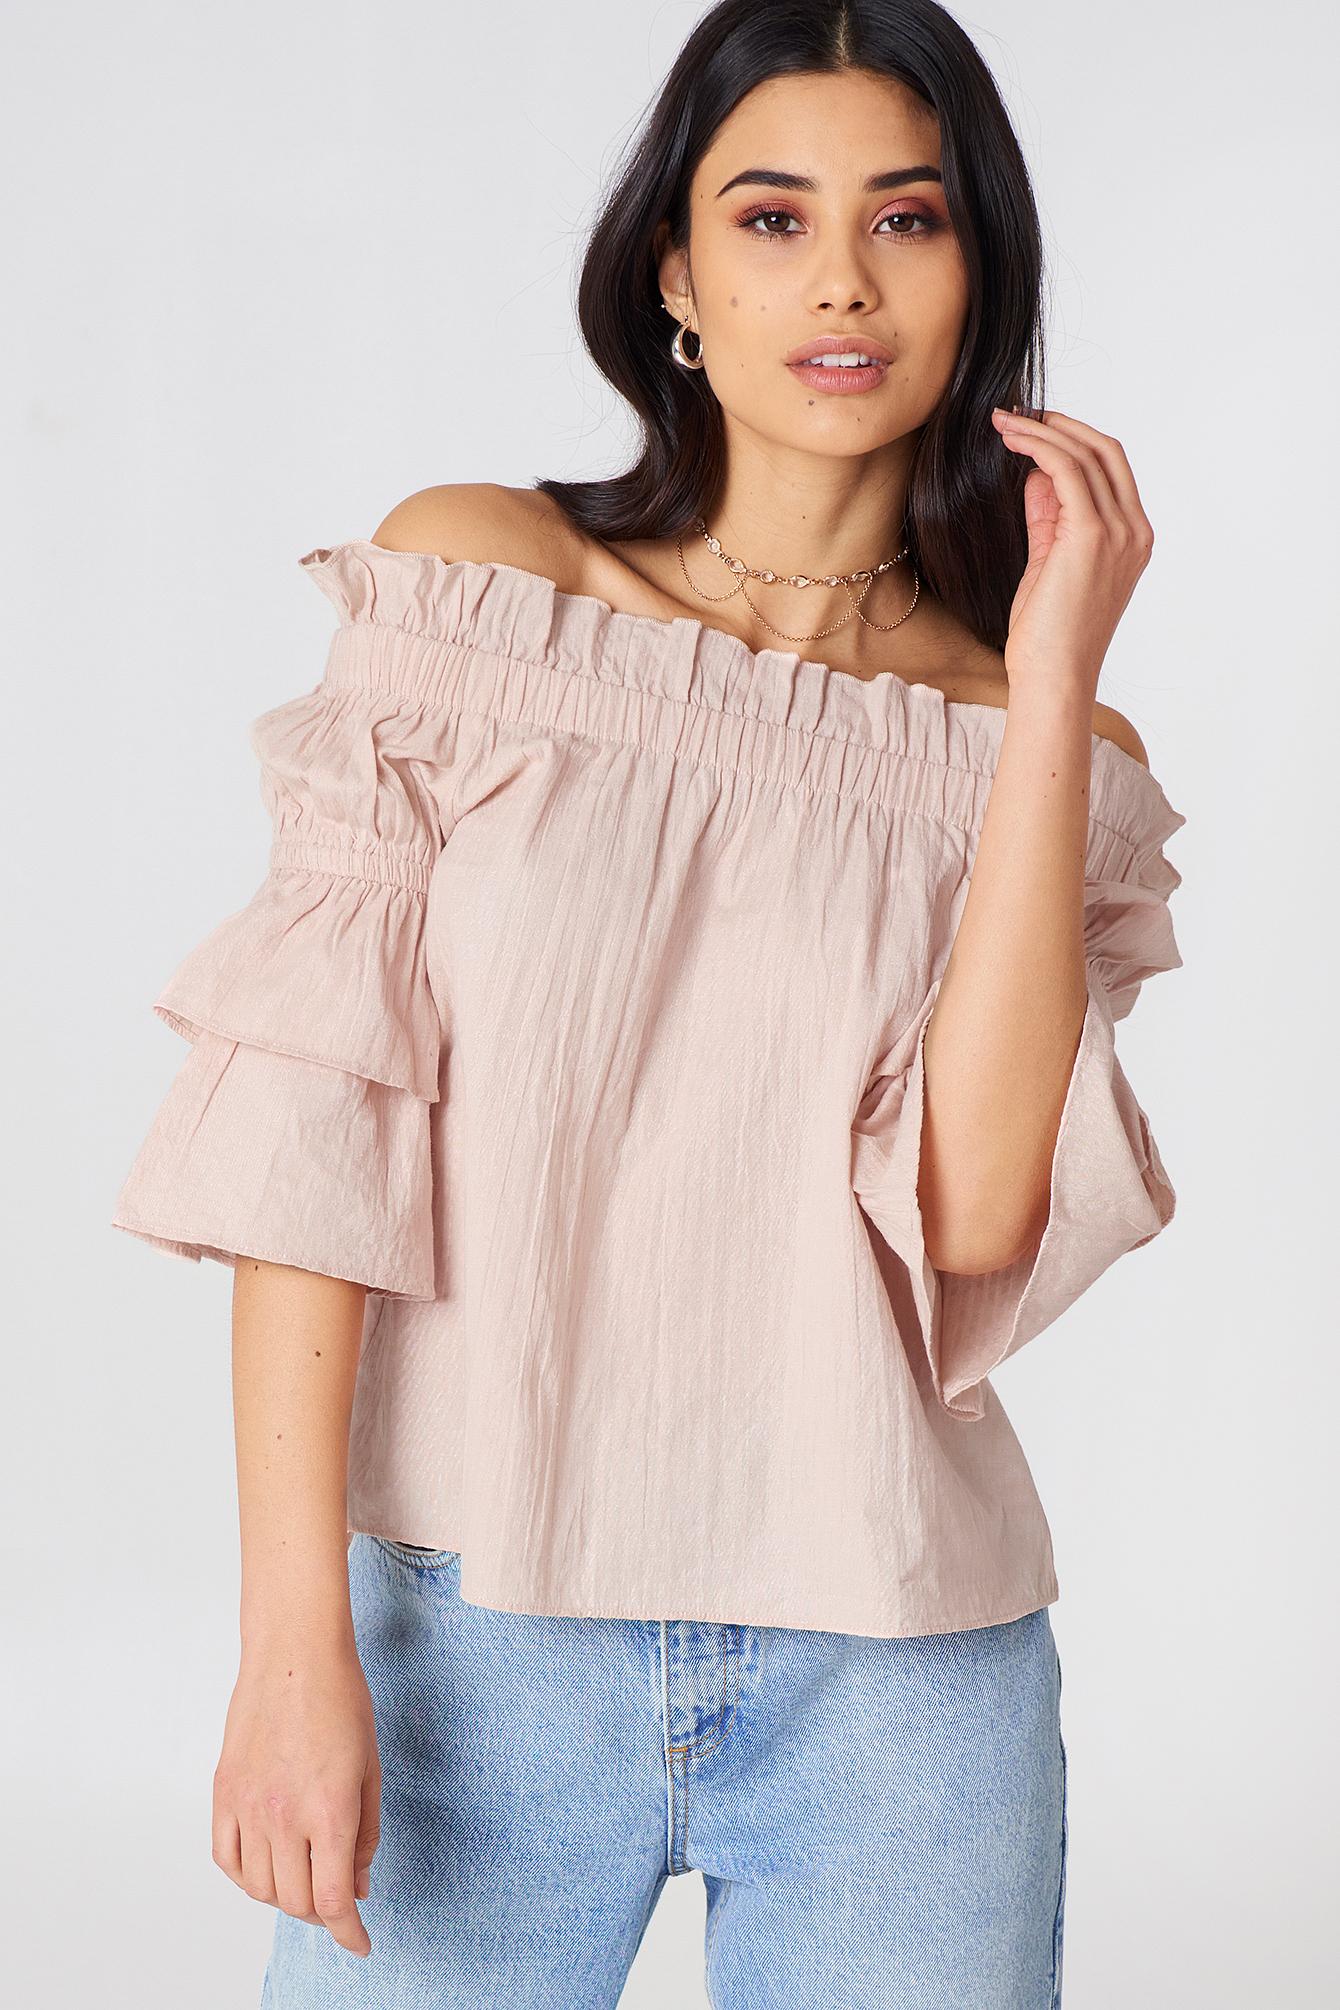 Off shoulder Midiklänningar Kvinnor, jämför priser och köp